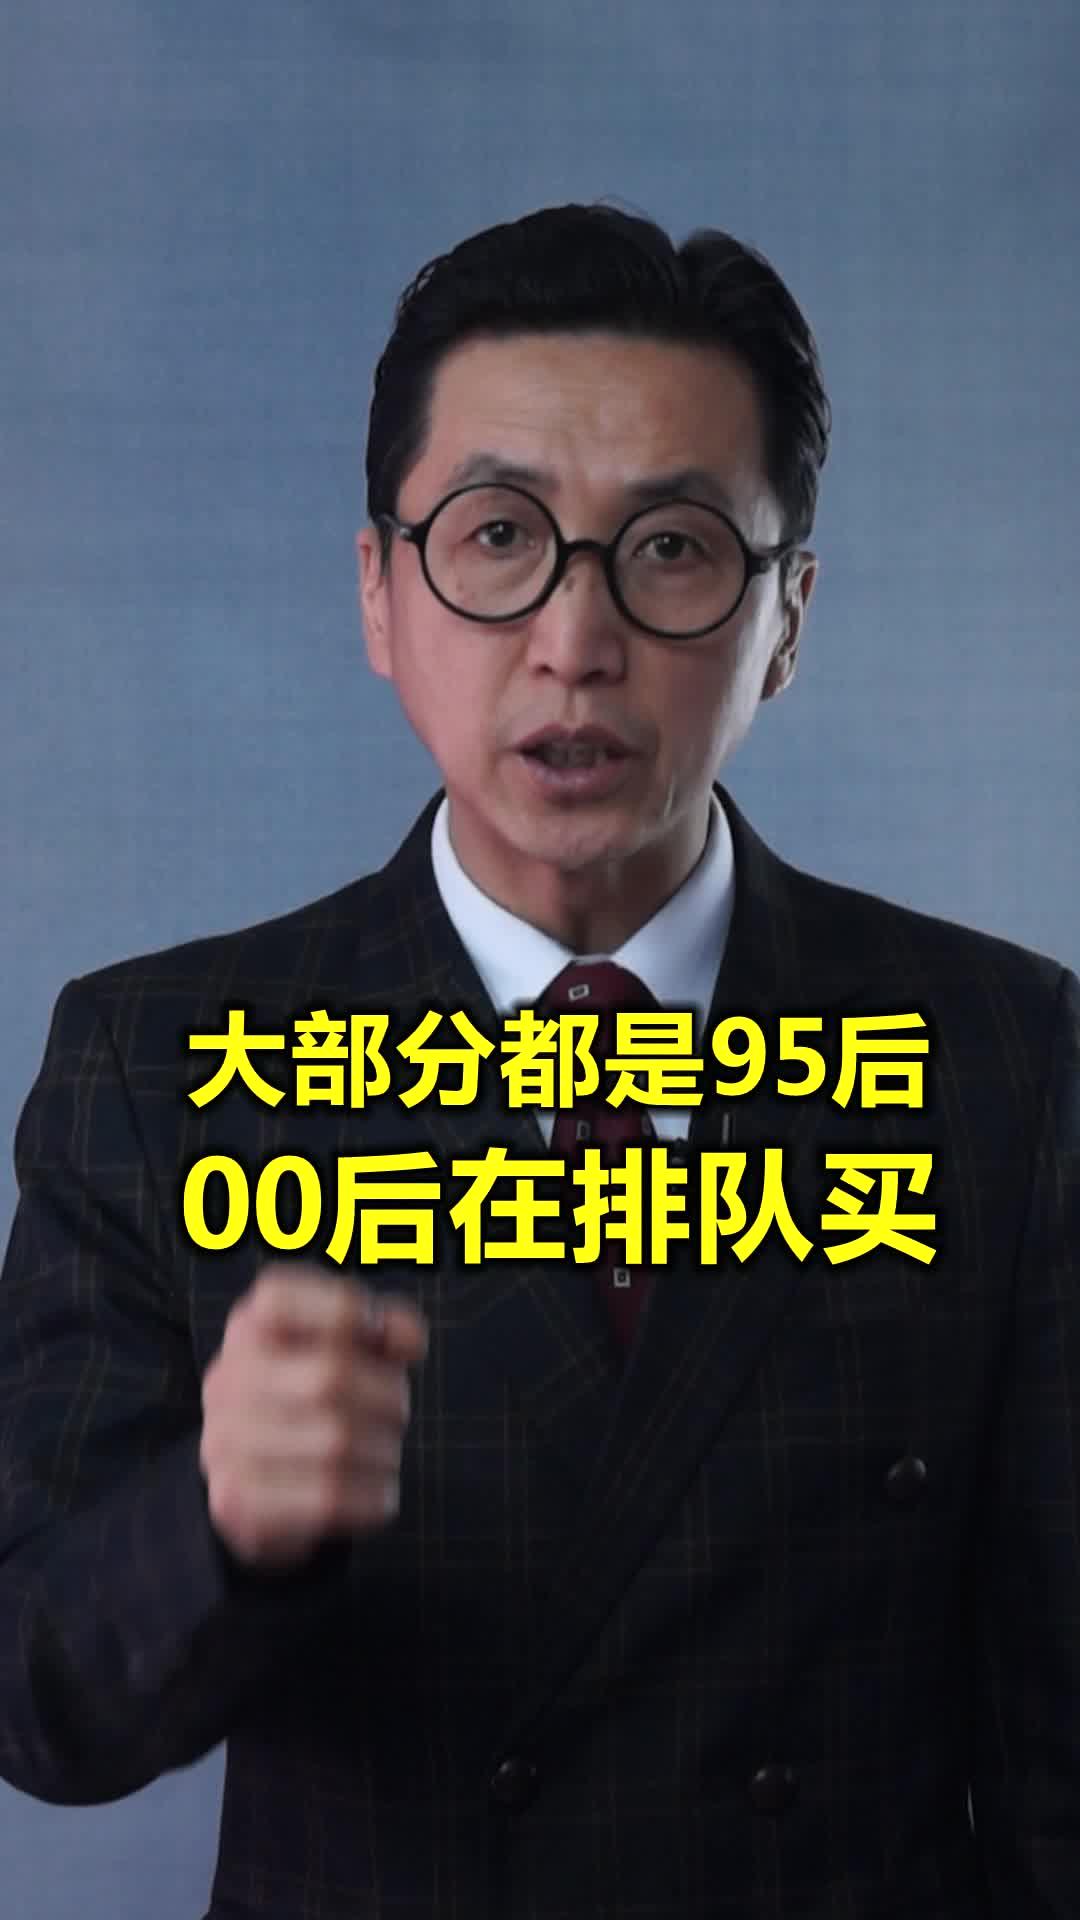 卢炫吉脱口秀2021第31期 给条件差男生们的人生建议!赶紧先结婚把!